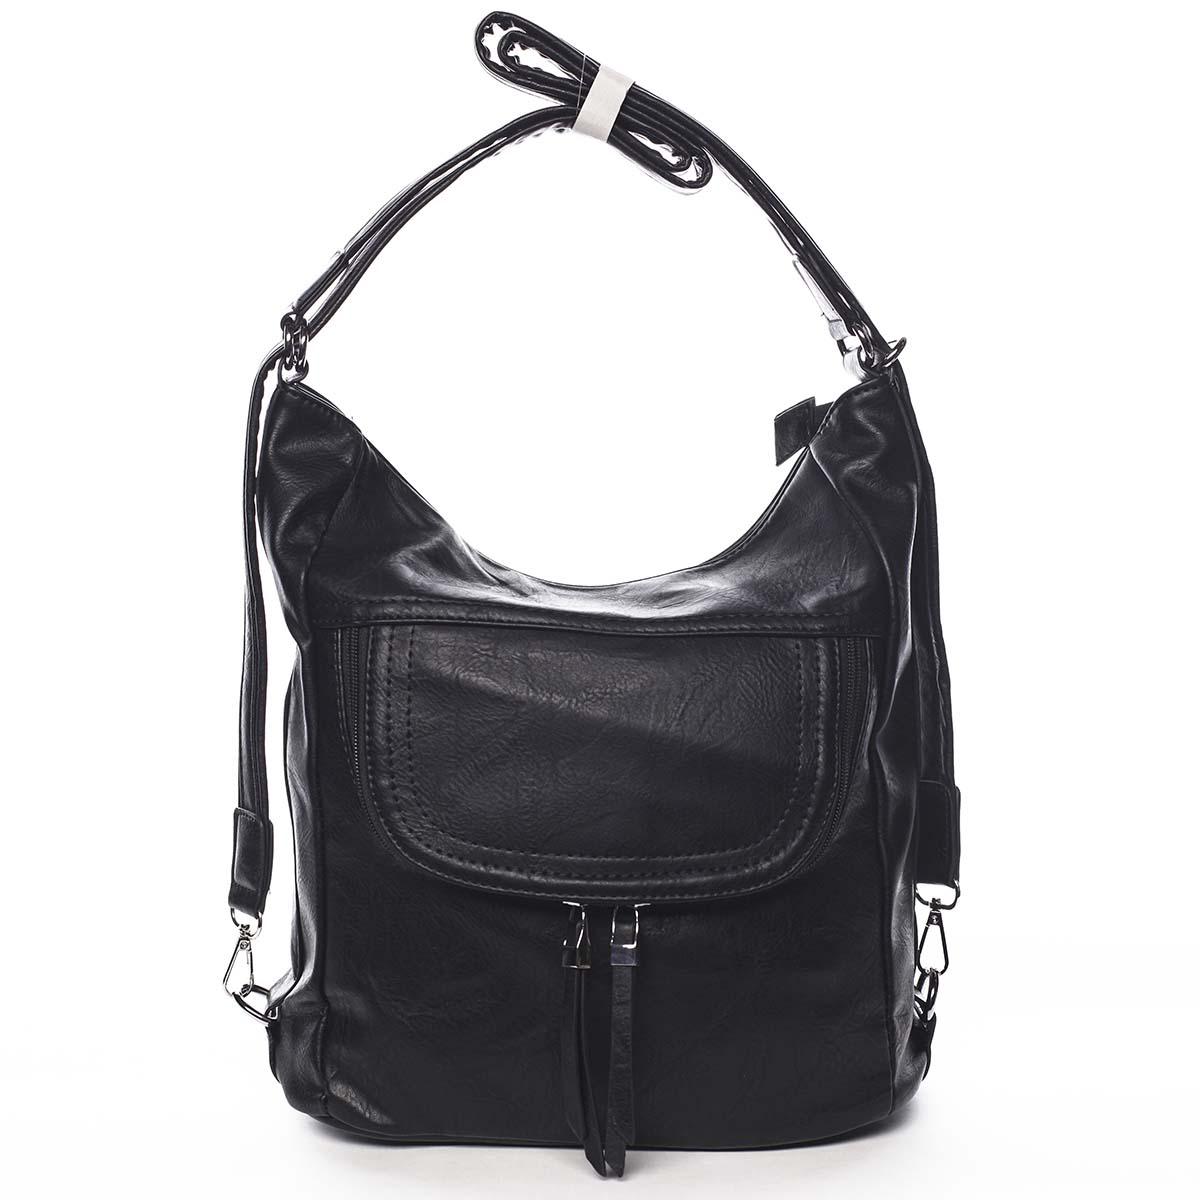 Dámská kabelka batoh černá - Romina Godzilla černá